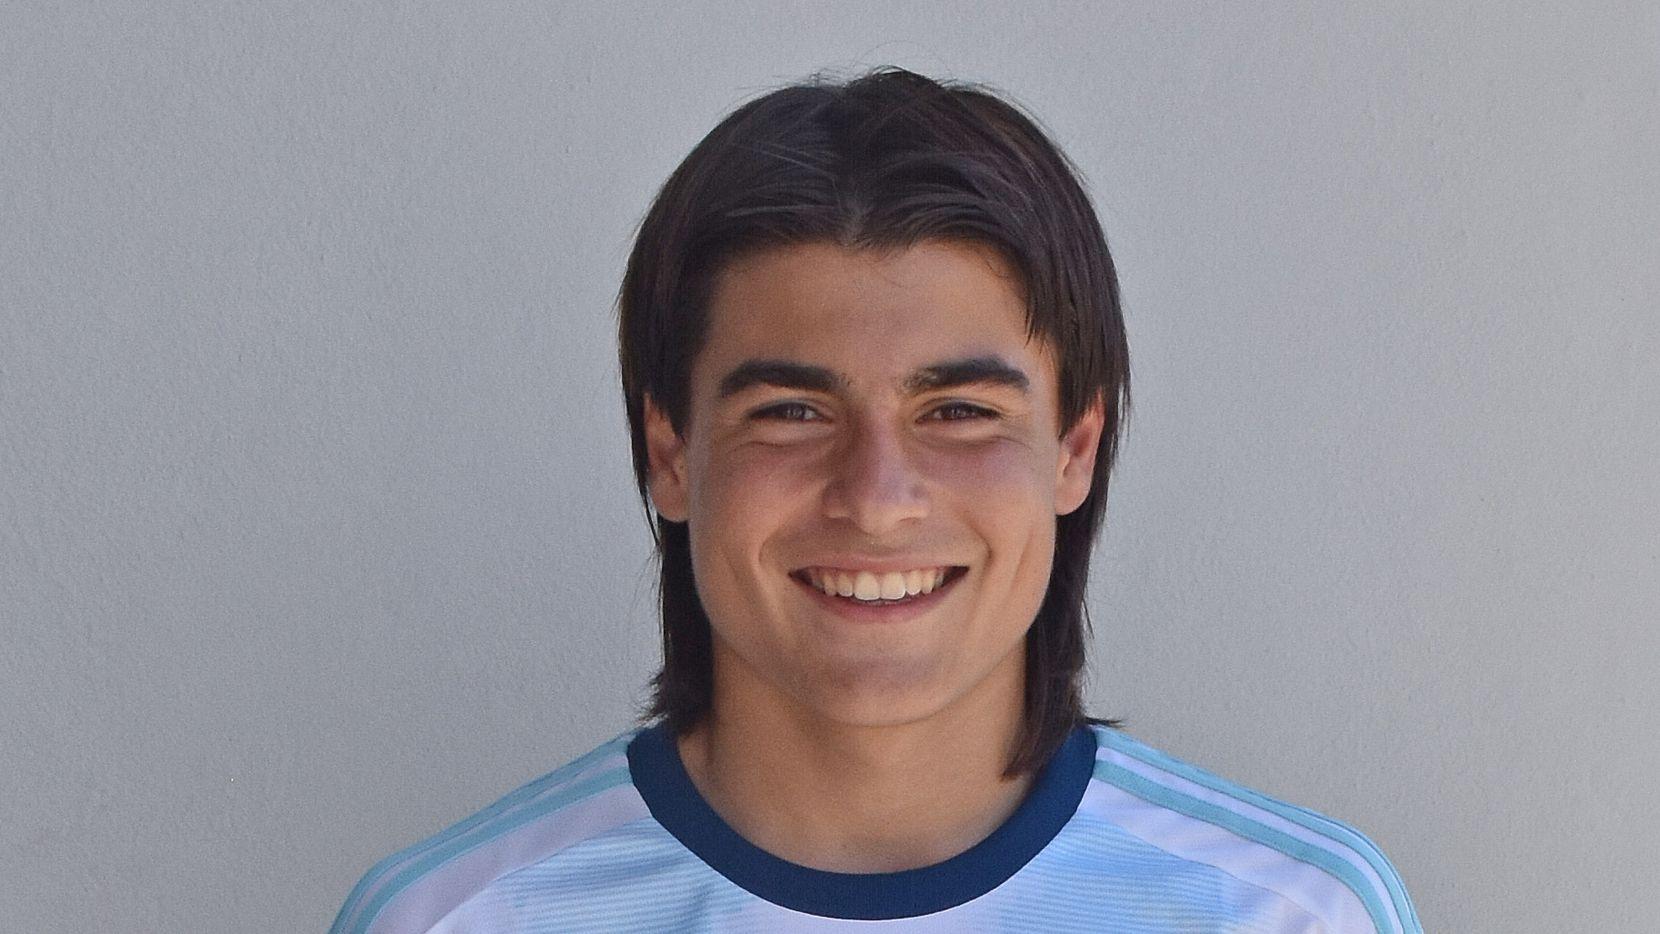 Luka Romero jugó con la selección de Argentina en la eliminatoria sudamericana Sub-15 de 2019.